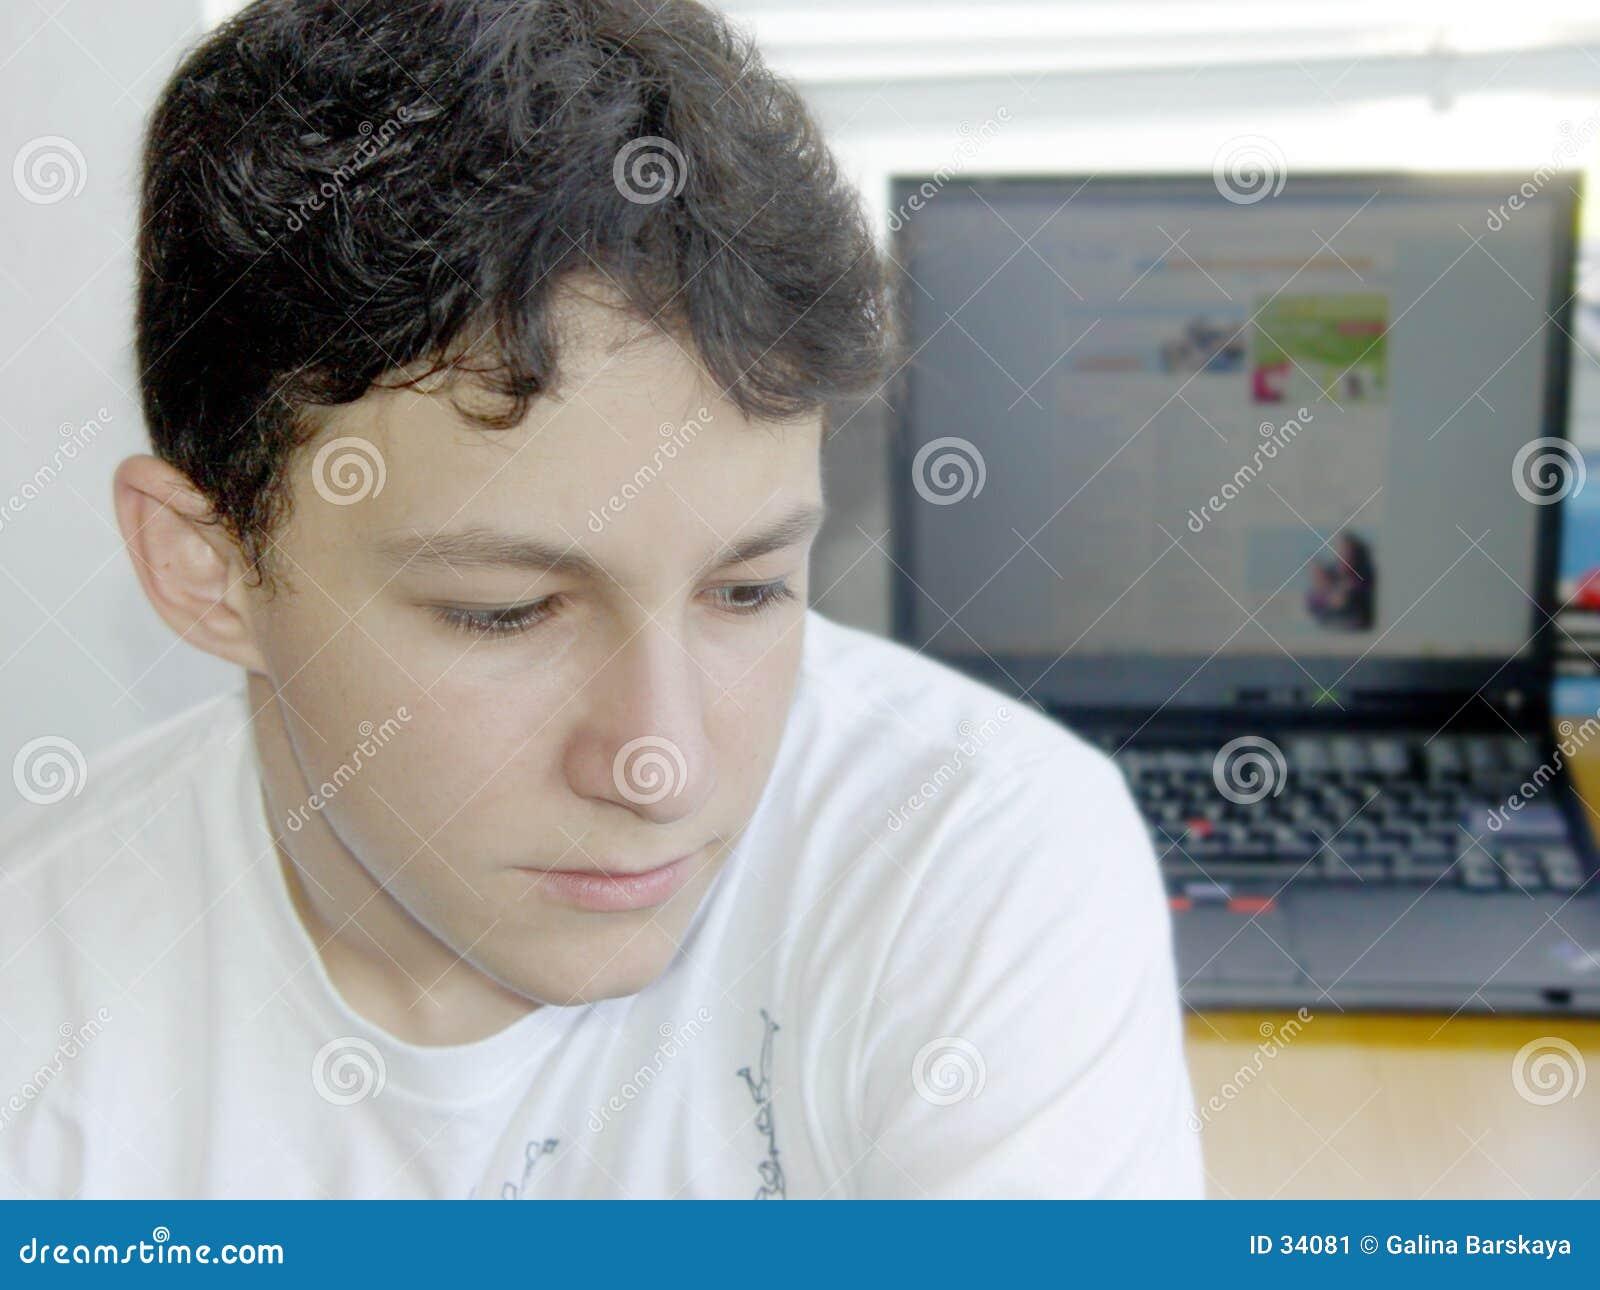 Garçon et son ordinateur portatif